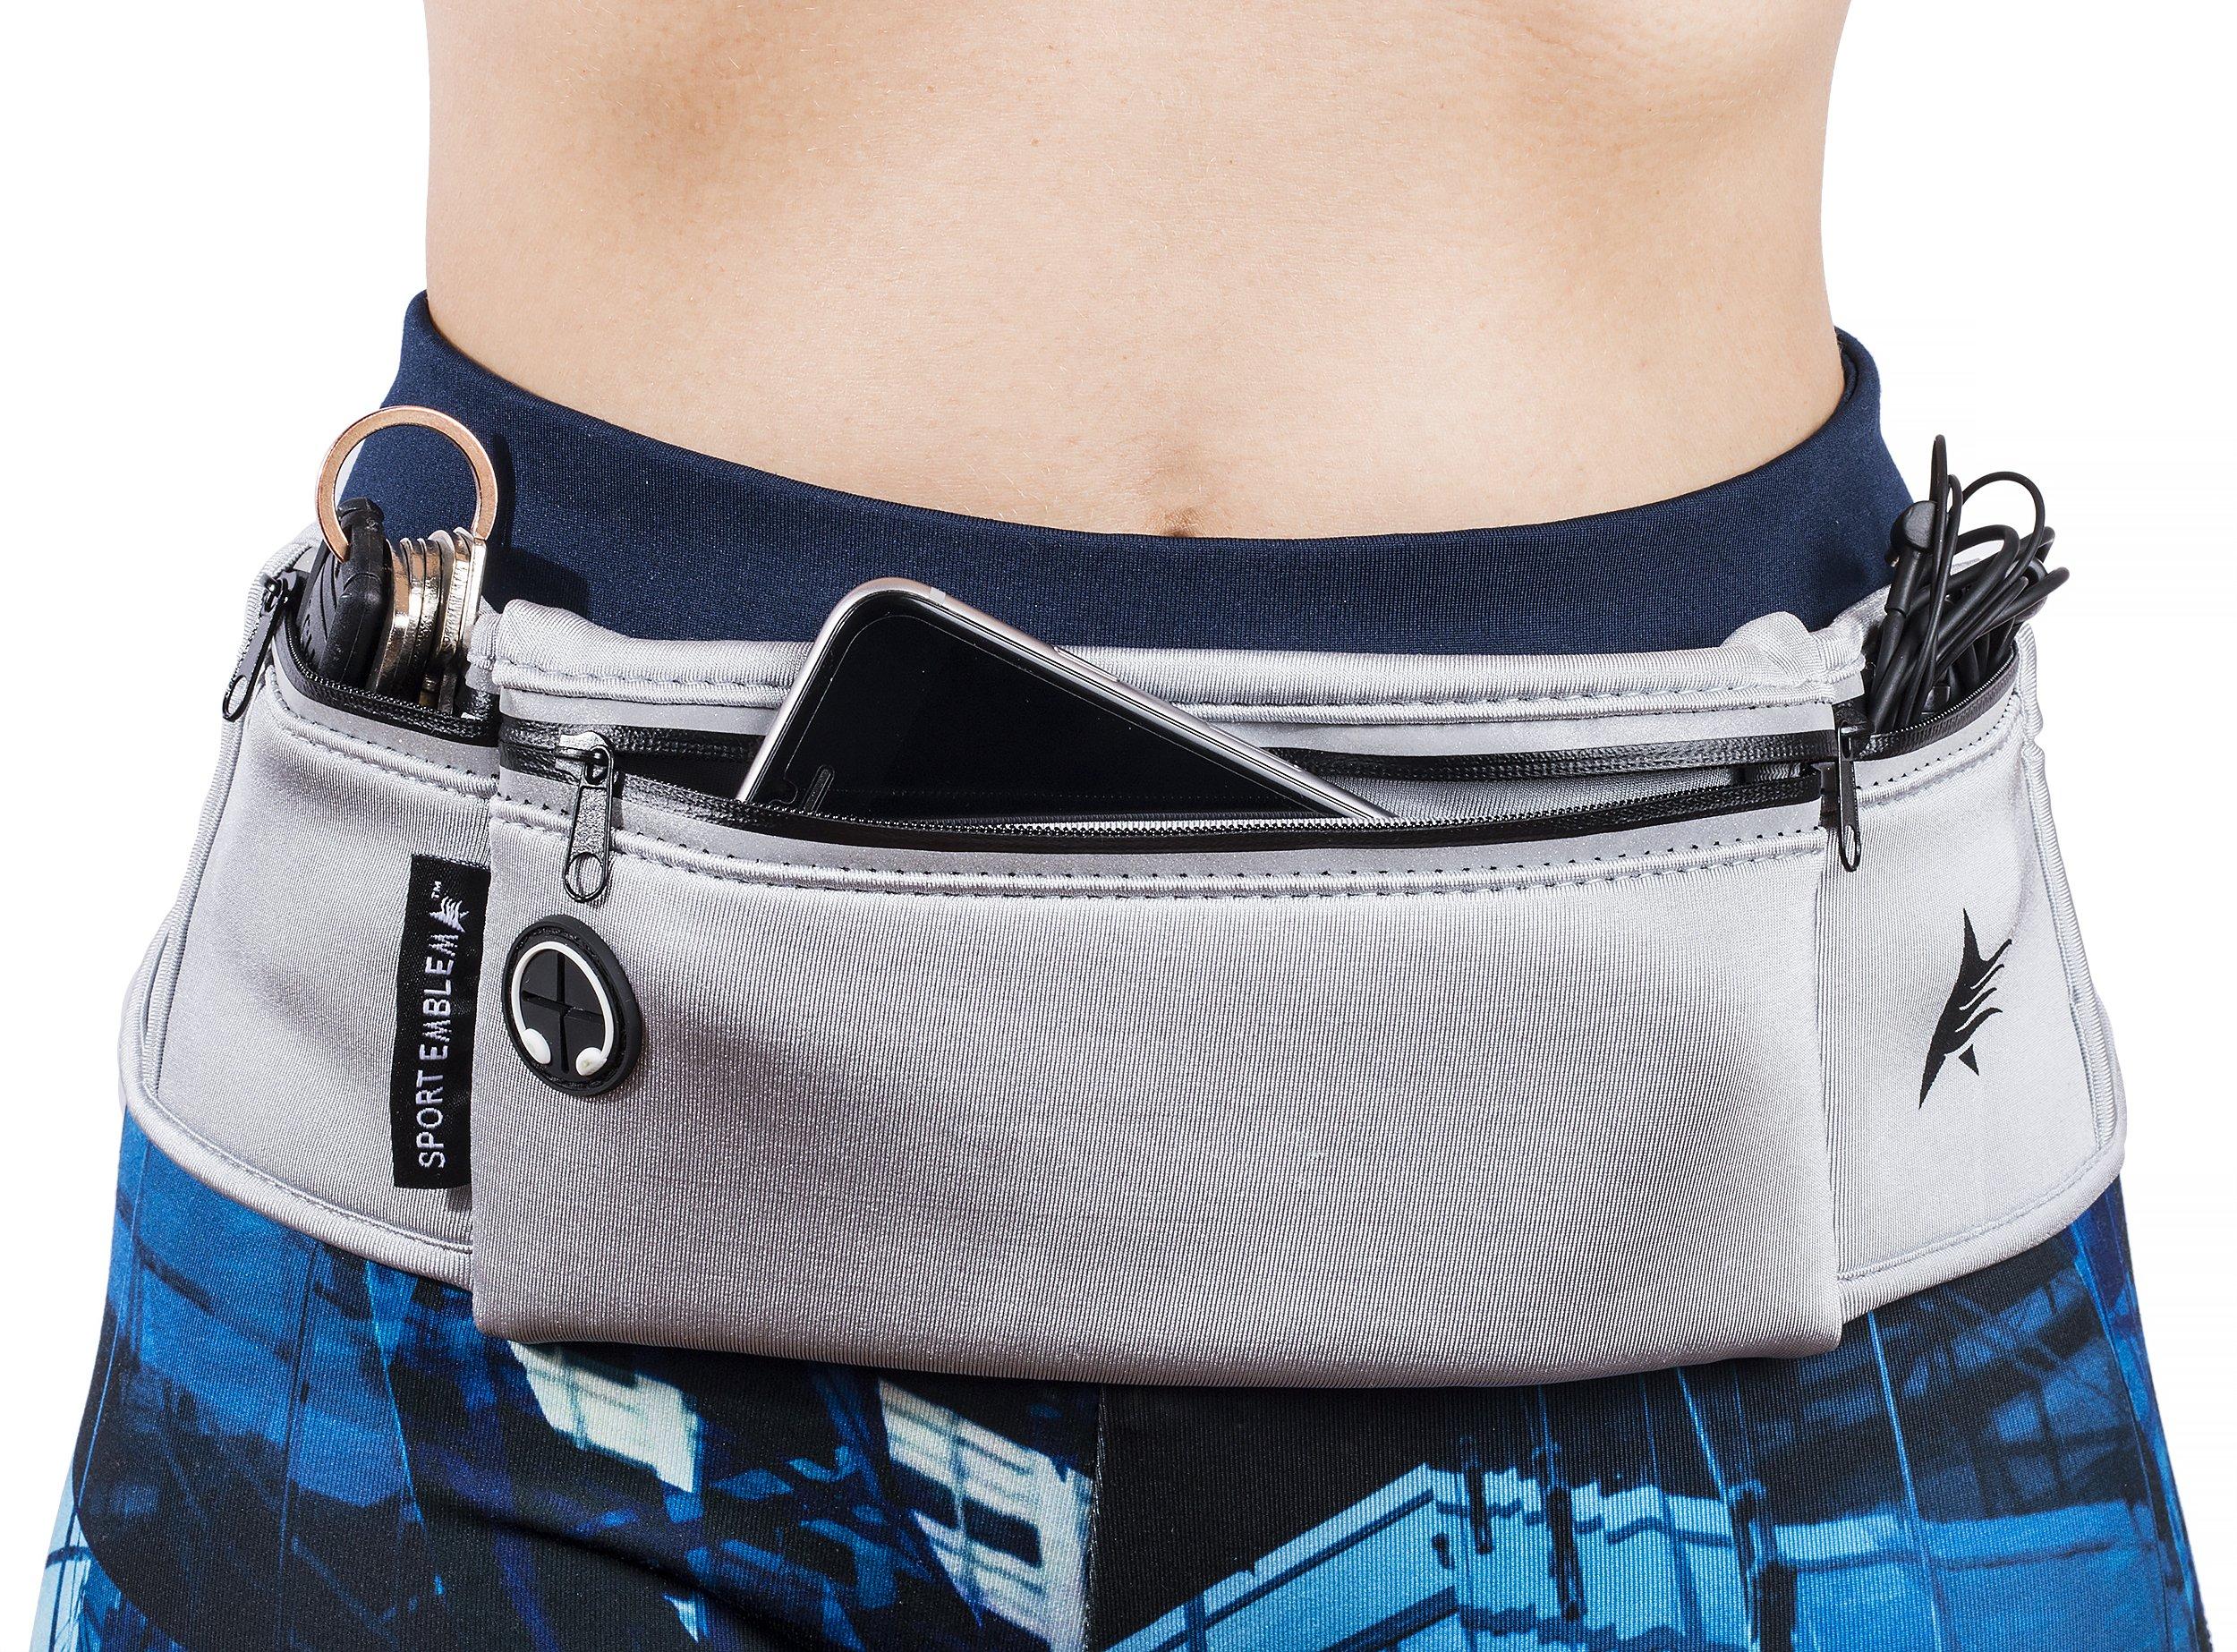 Running Belt for Phone | Runners Belt and Fanny Packs for Women or Men | Running Waist Belt by Sport Emblema